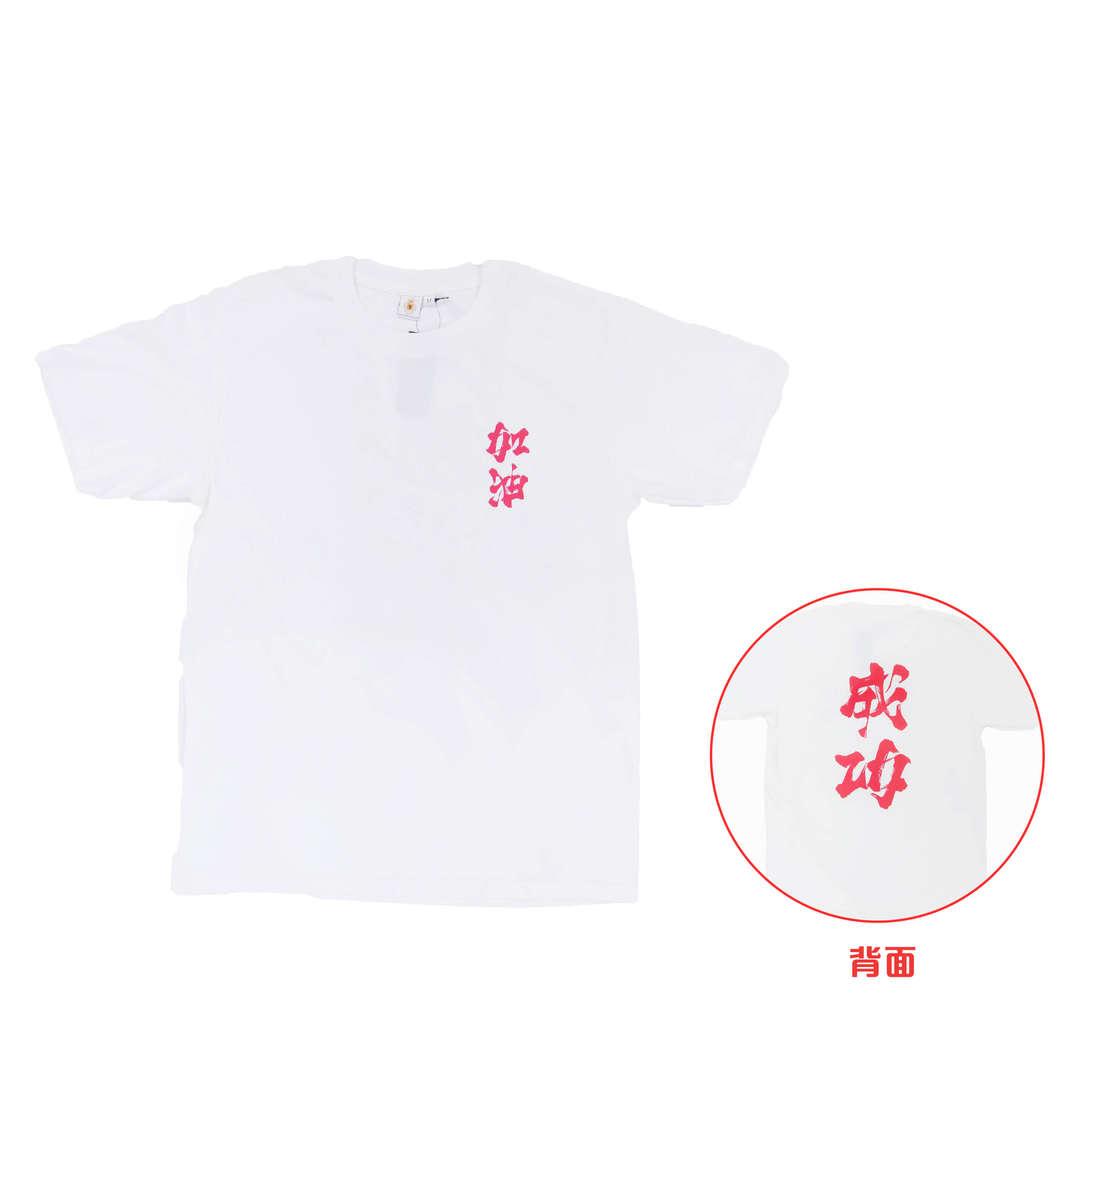 加油(F)/成功(B)-Tshirt-白底紅字(M)